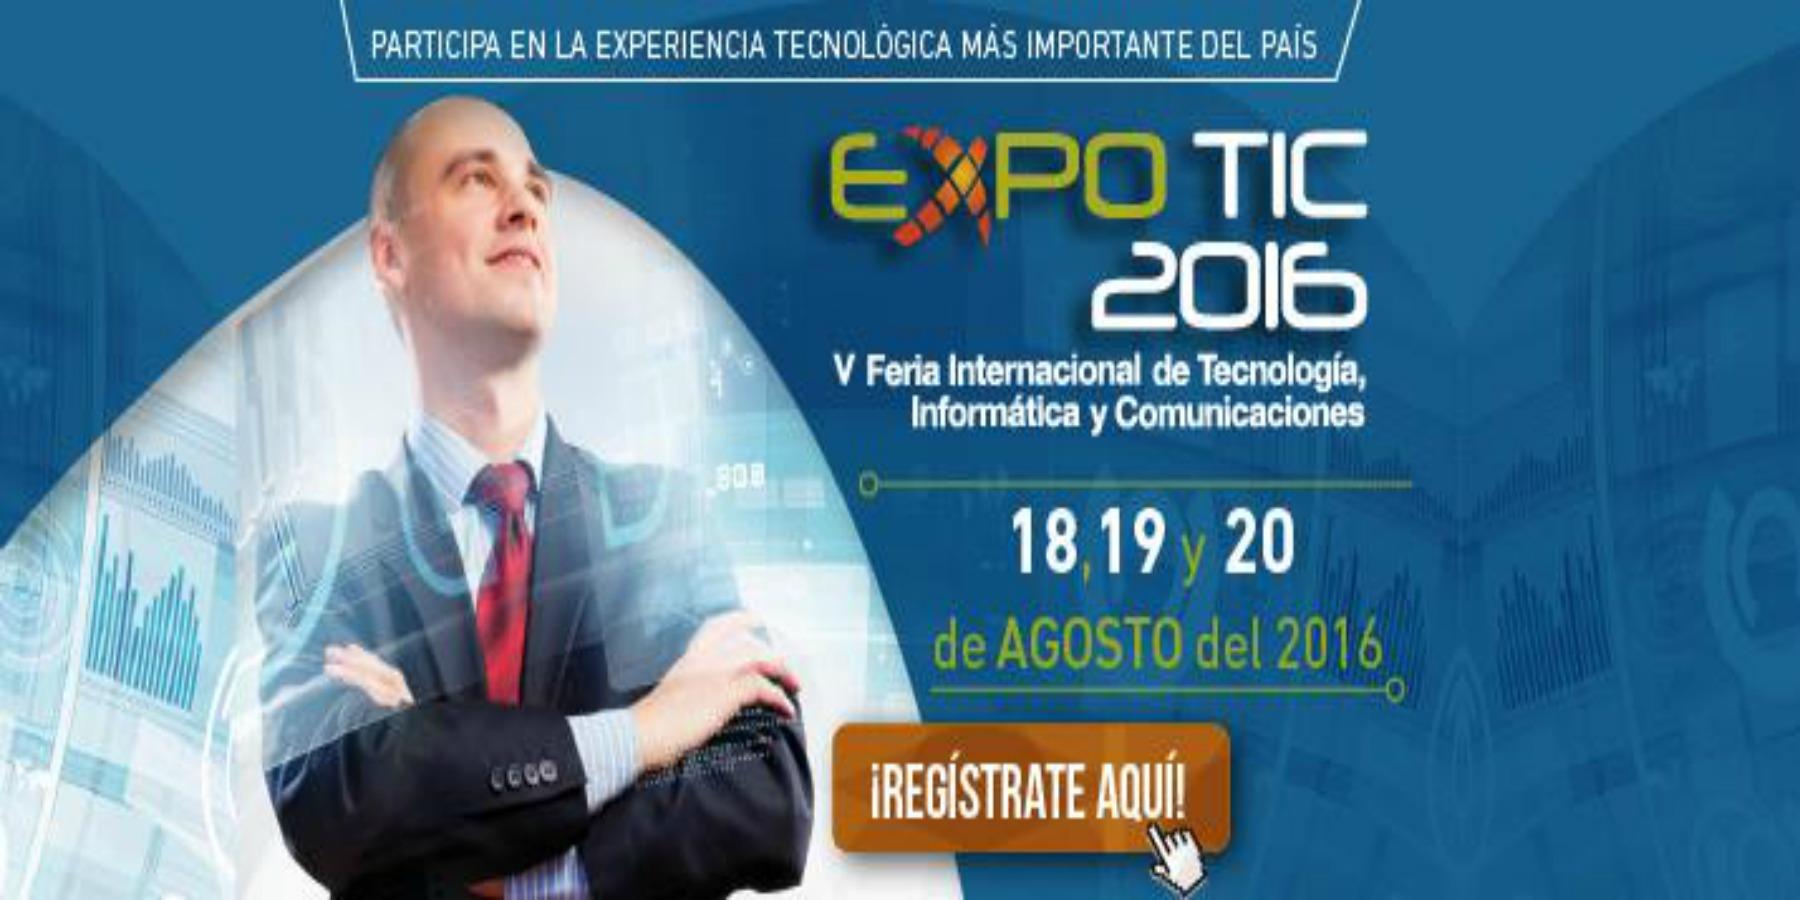 Expotic 2016 | 18, 19 y 20 de Agosto